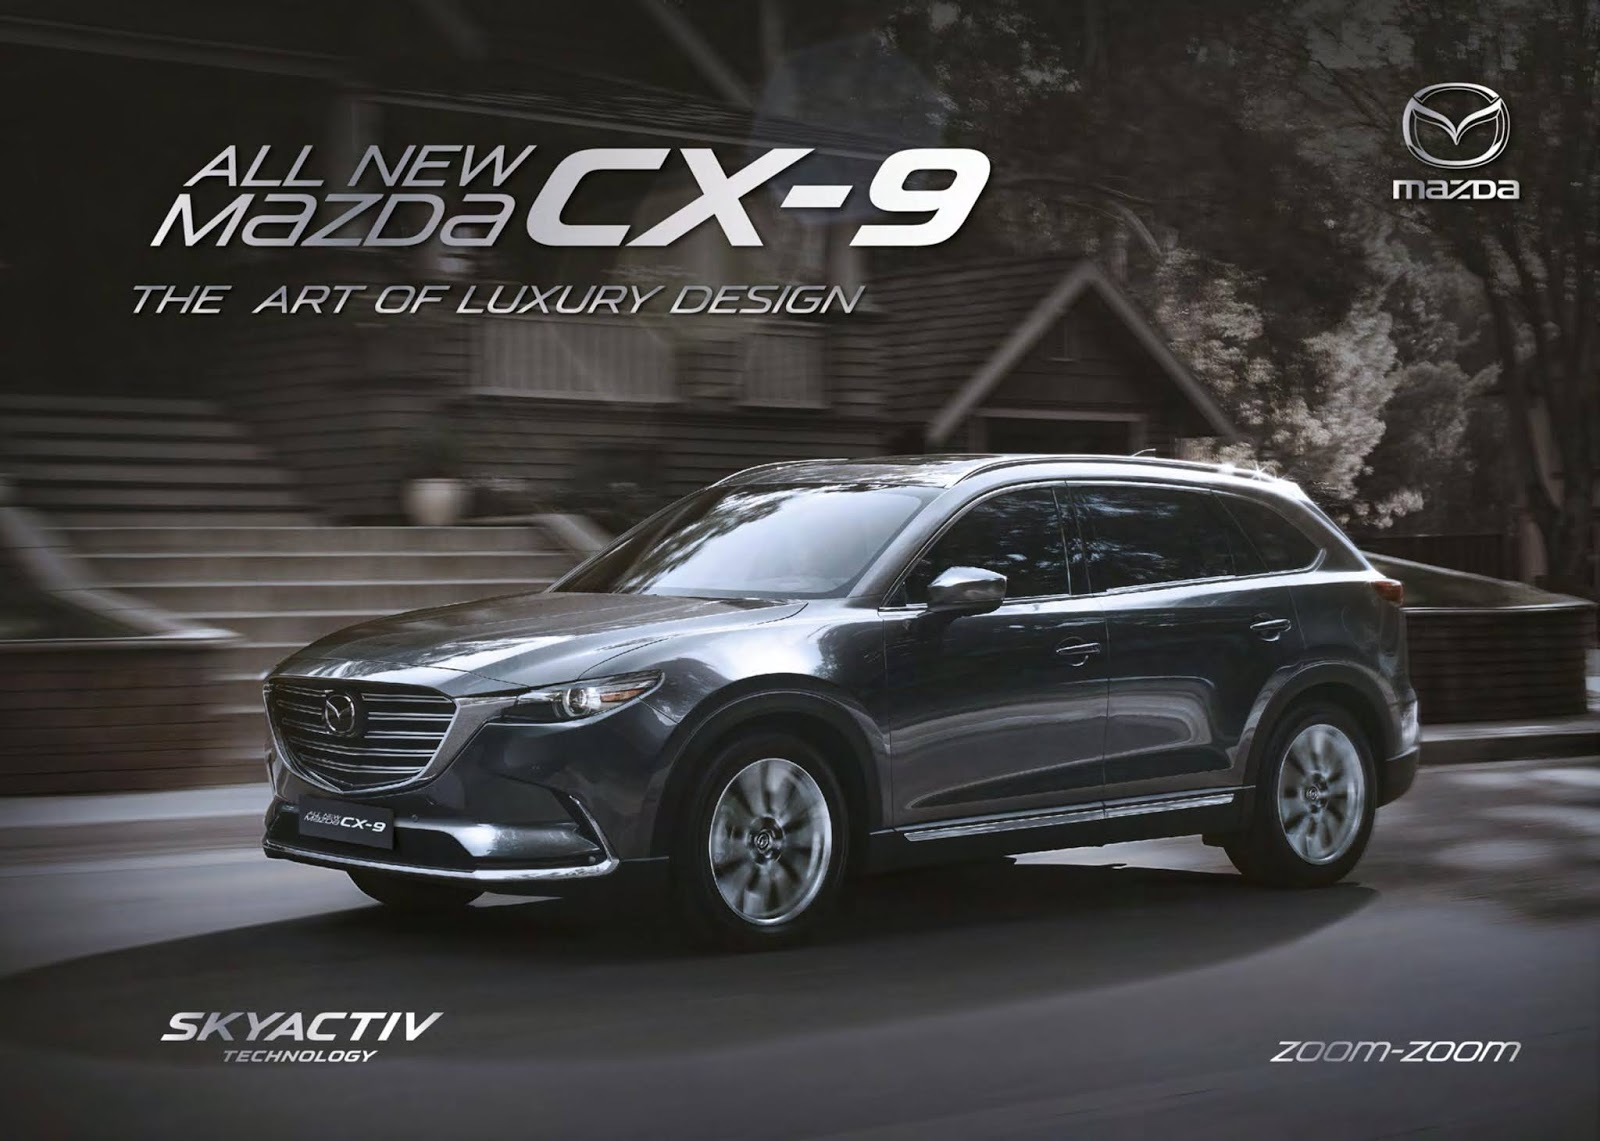 All New Mazda CX-9, Promo Mazda CX-9 Bali & Harga Mazda CX-9 Bali